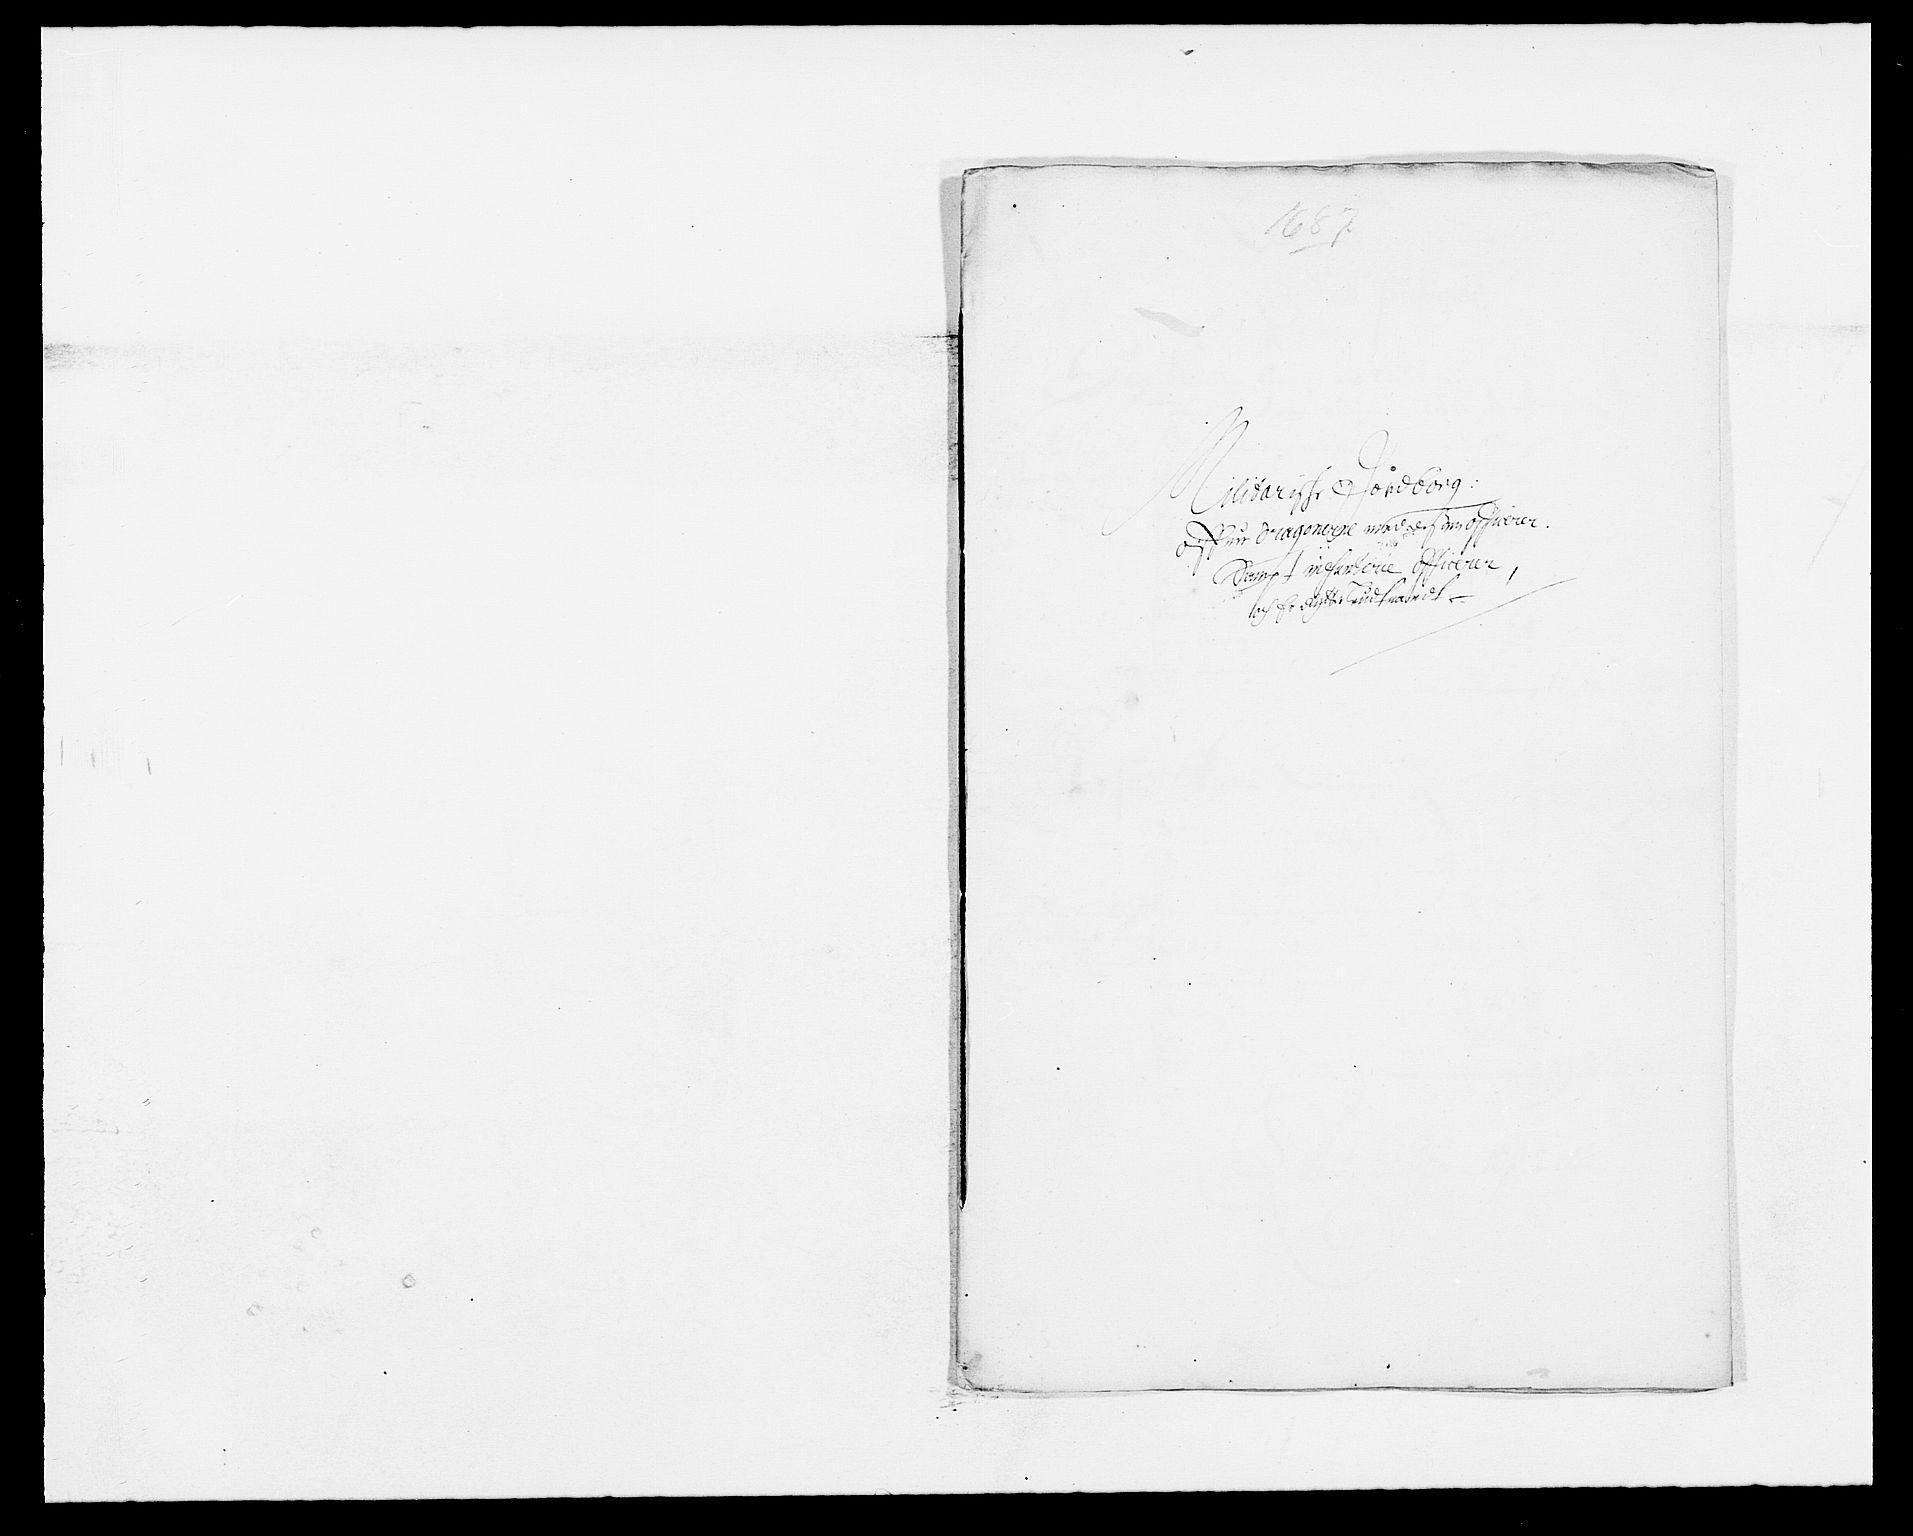 RA, Rentekammeret inntil 1814, Reviderte regnskaper, Fogderegnskap, R11/L0572: Fogderegnskap Nedre Romerike, 1686-1687, s. 410